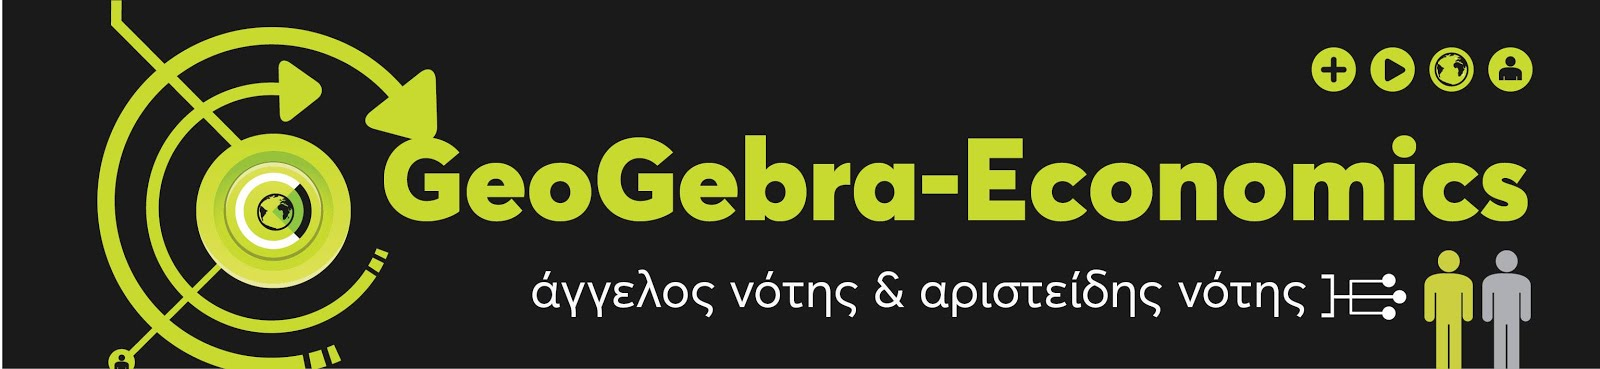 GeoGebra - Economics